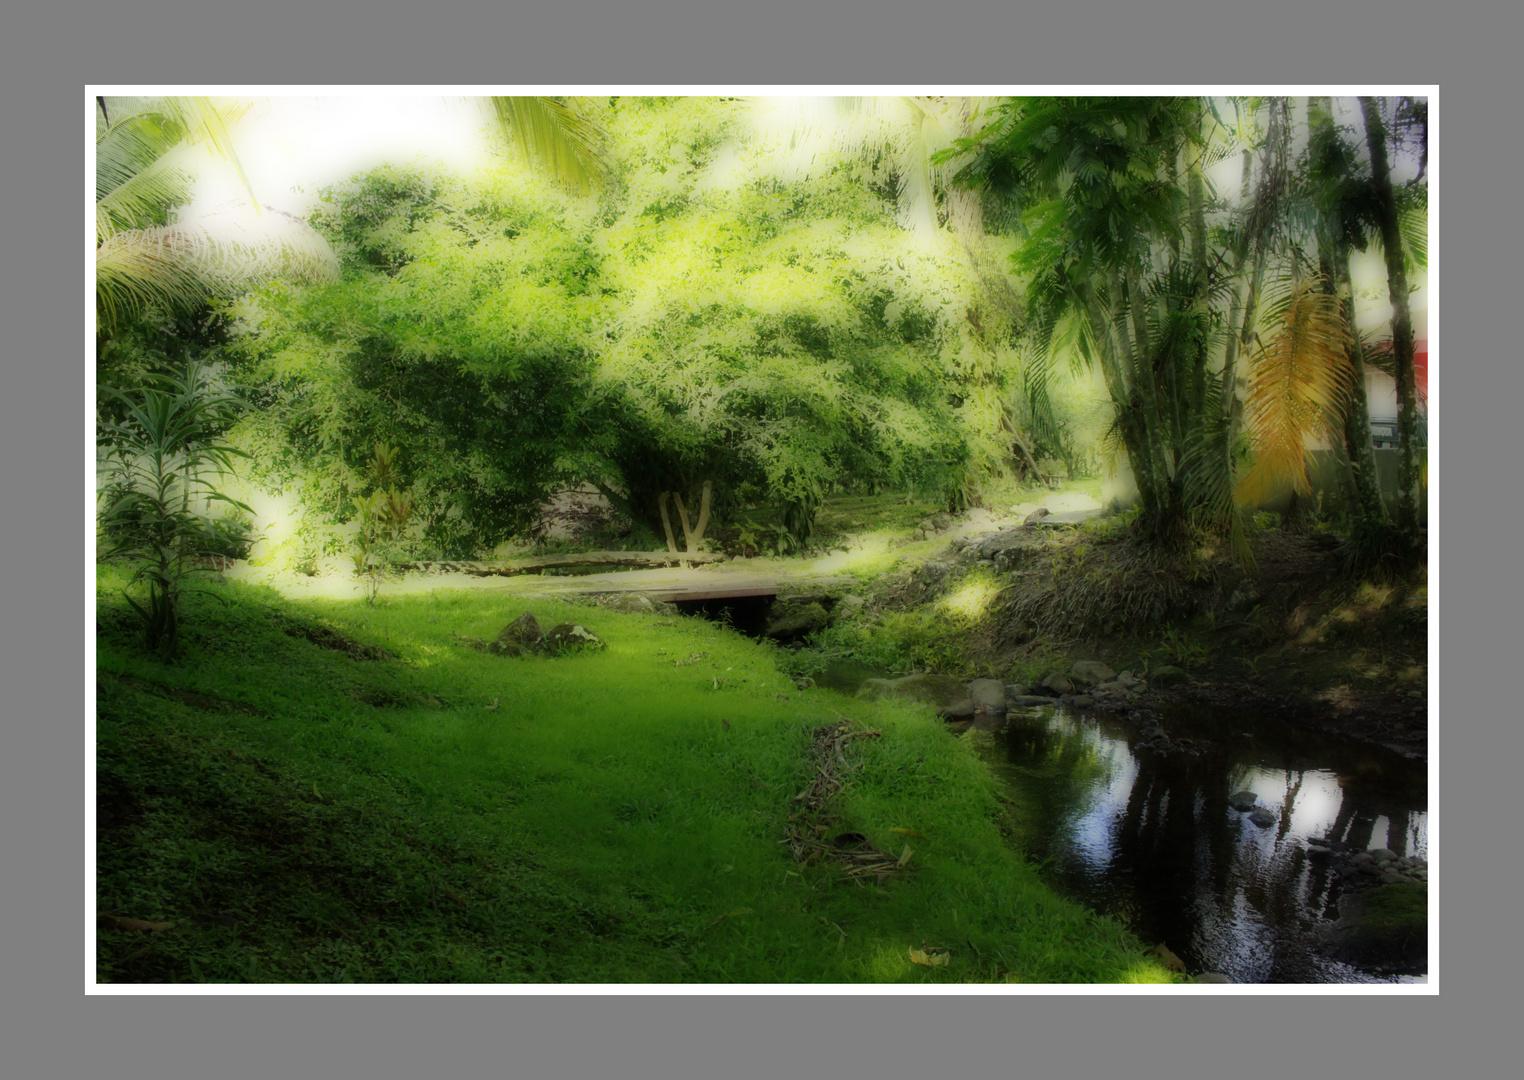 Verde paz